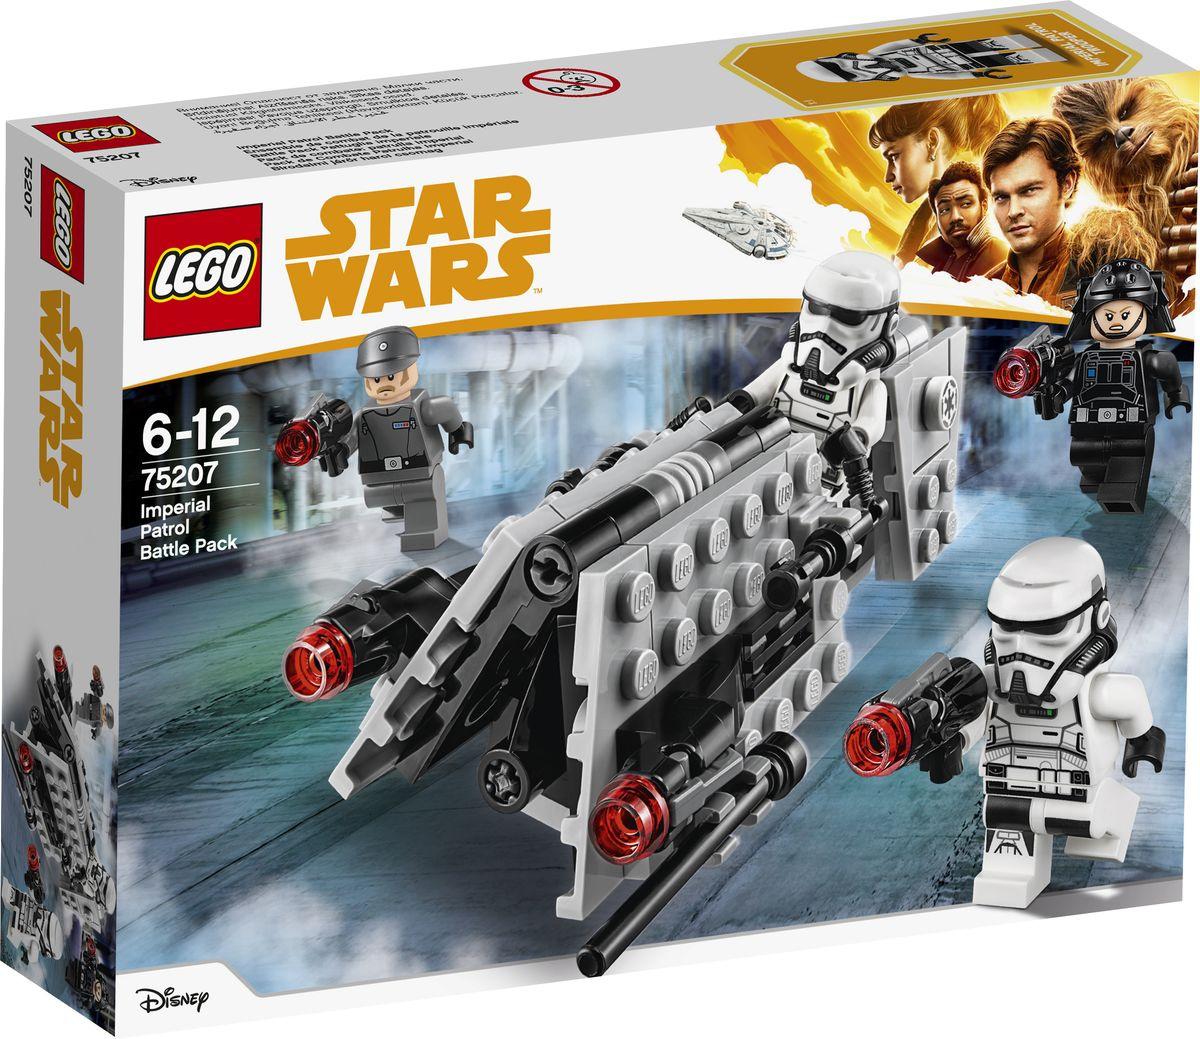 Конструктор LEGO Star Wars 75207 Боевой набор имперского патруля  #1